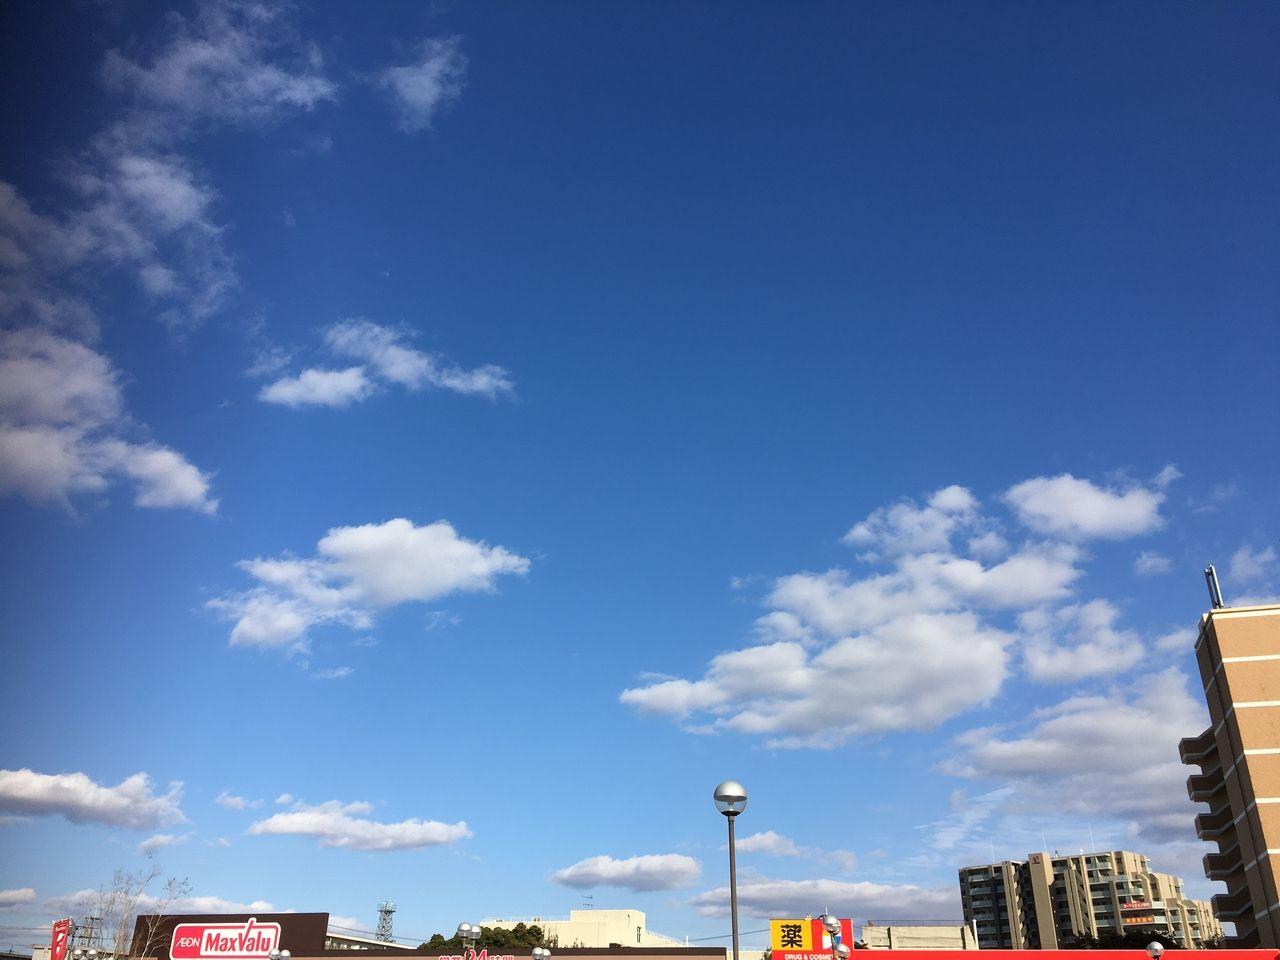 サンロードシティ熊本・春の日差しを感じさせてくれる青い空と白い雲